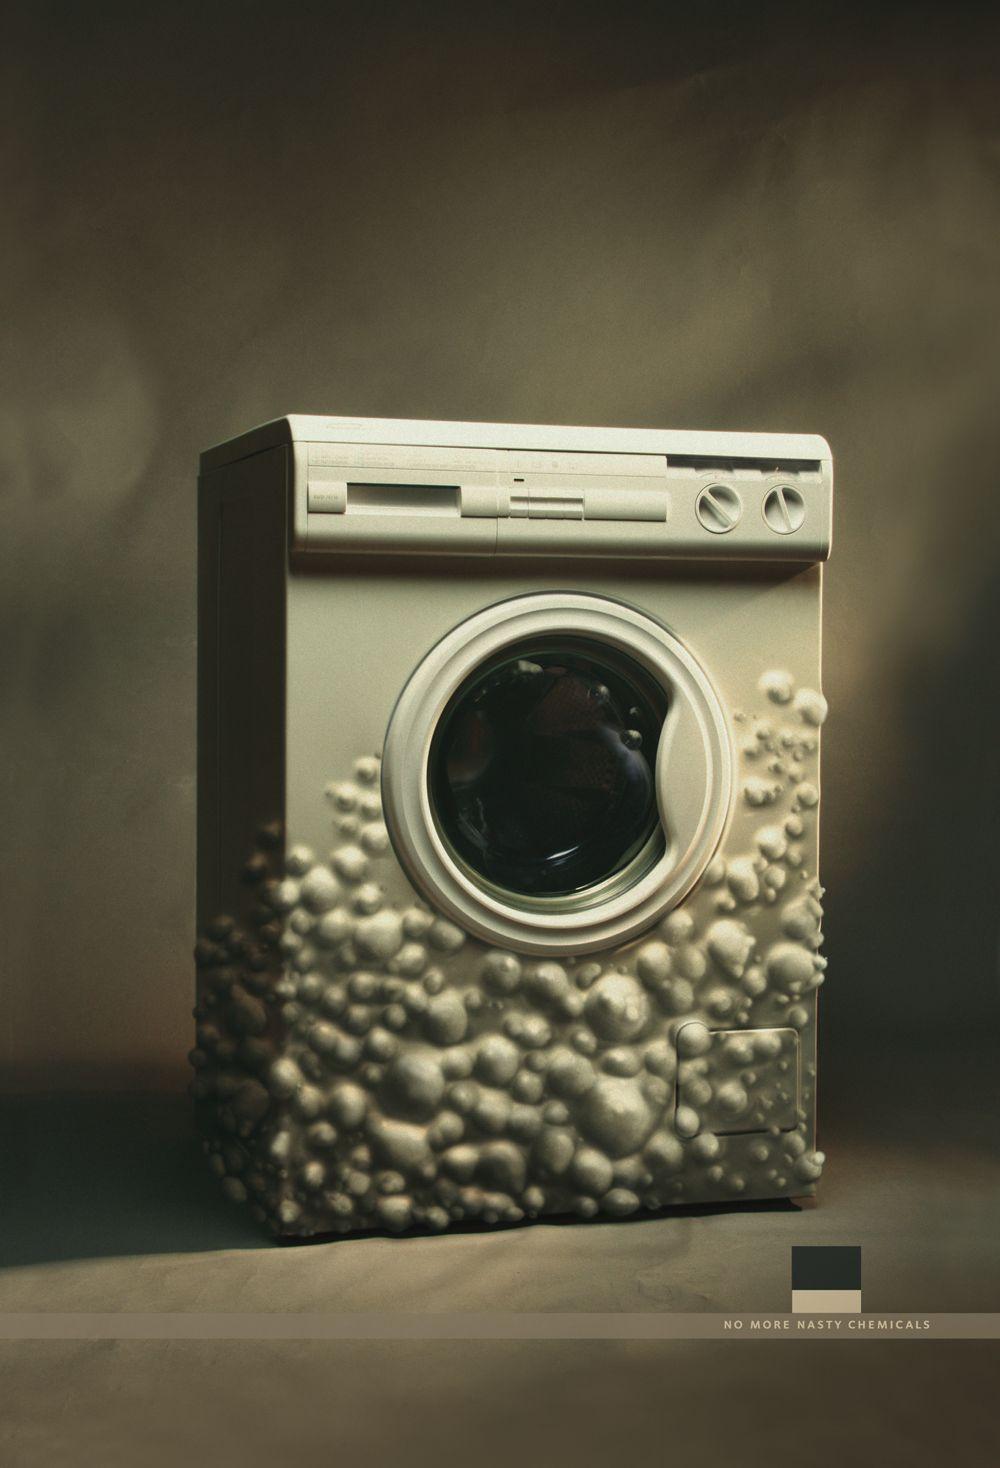 washing machine_Shaun Pettigrew.jpg